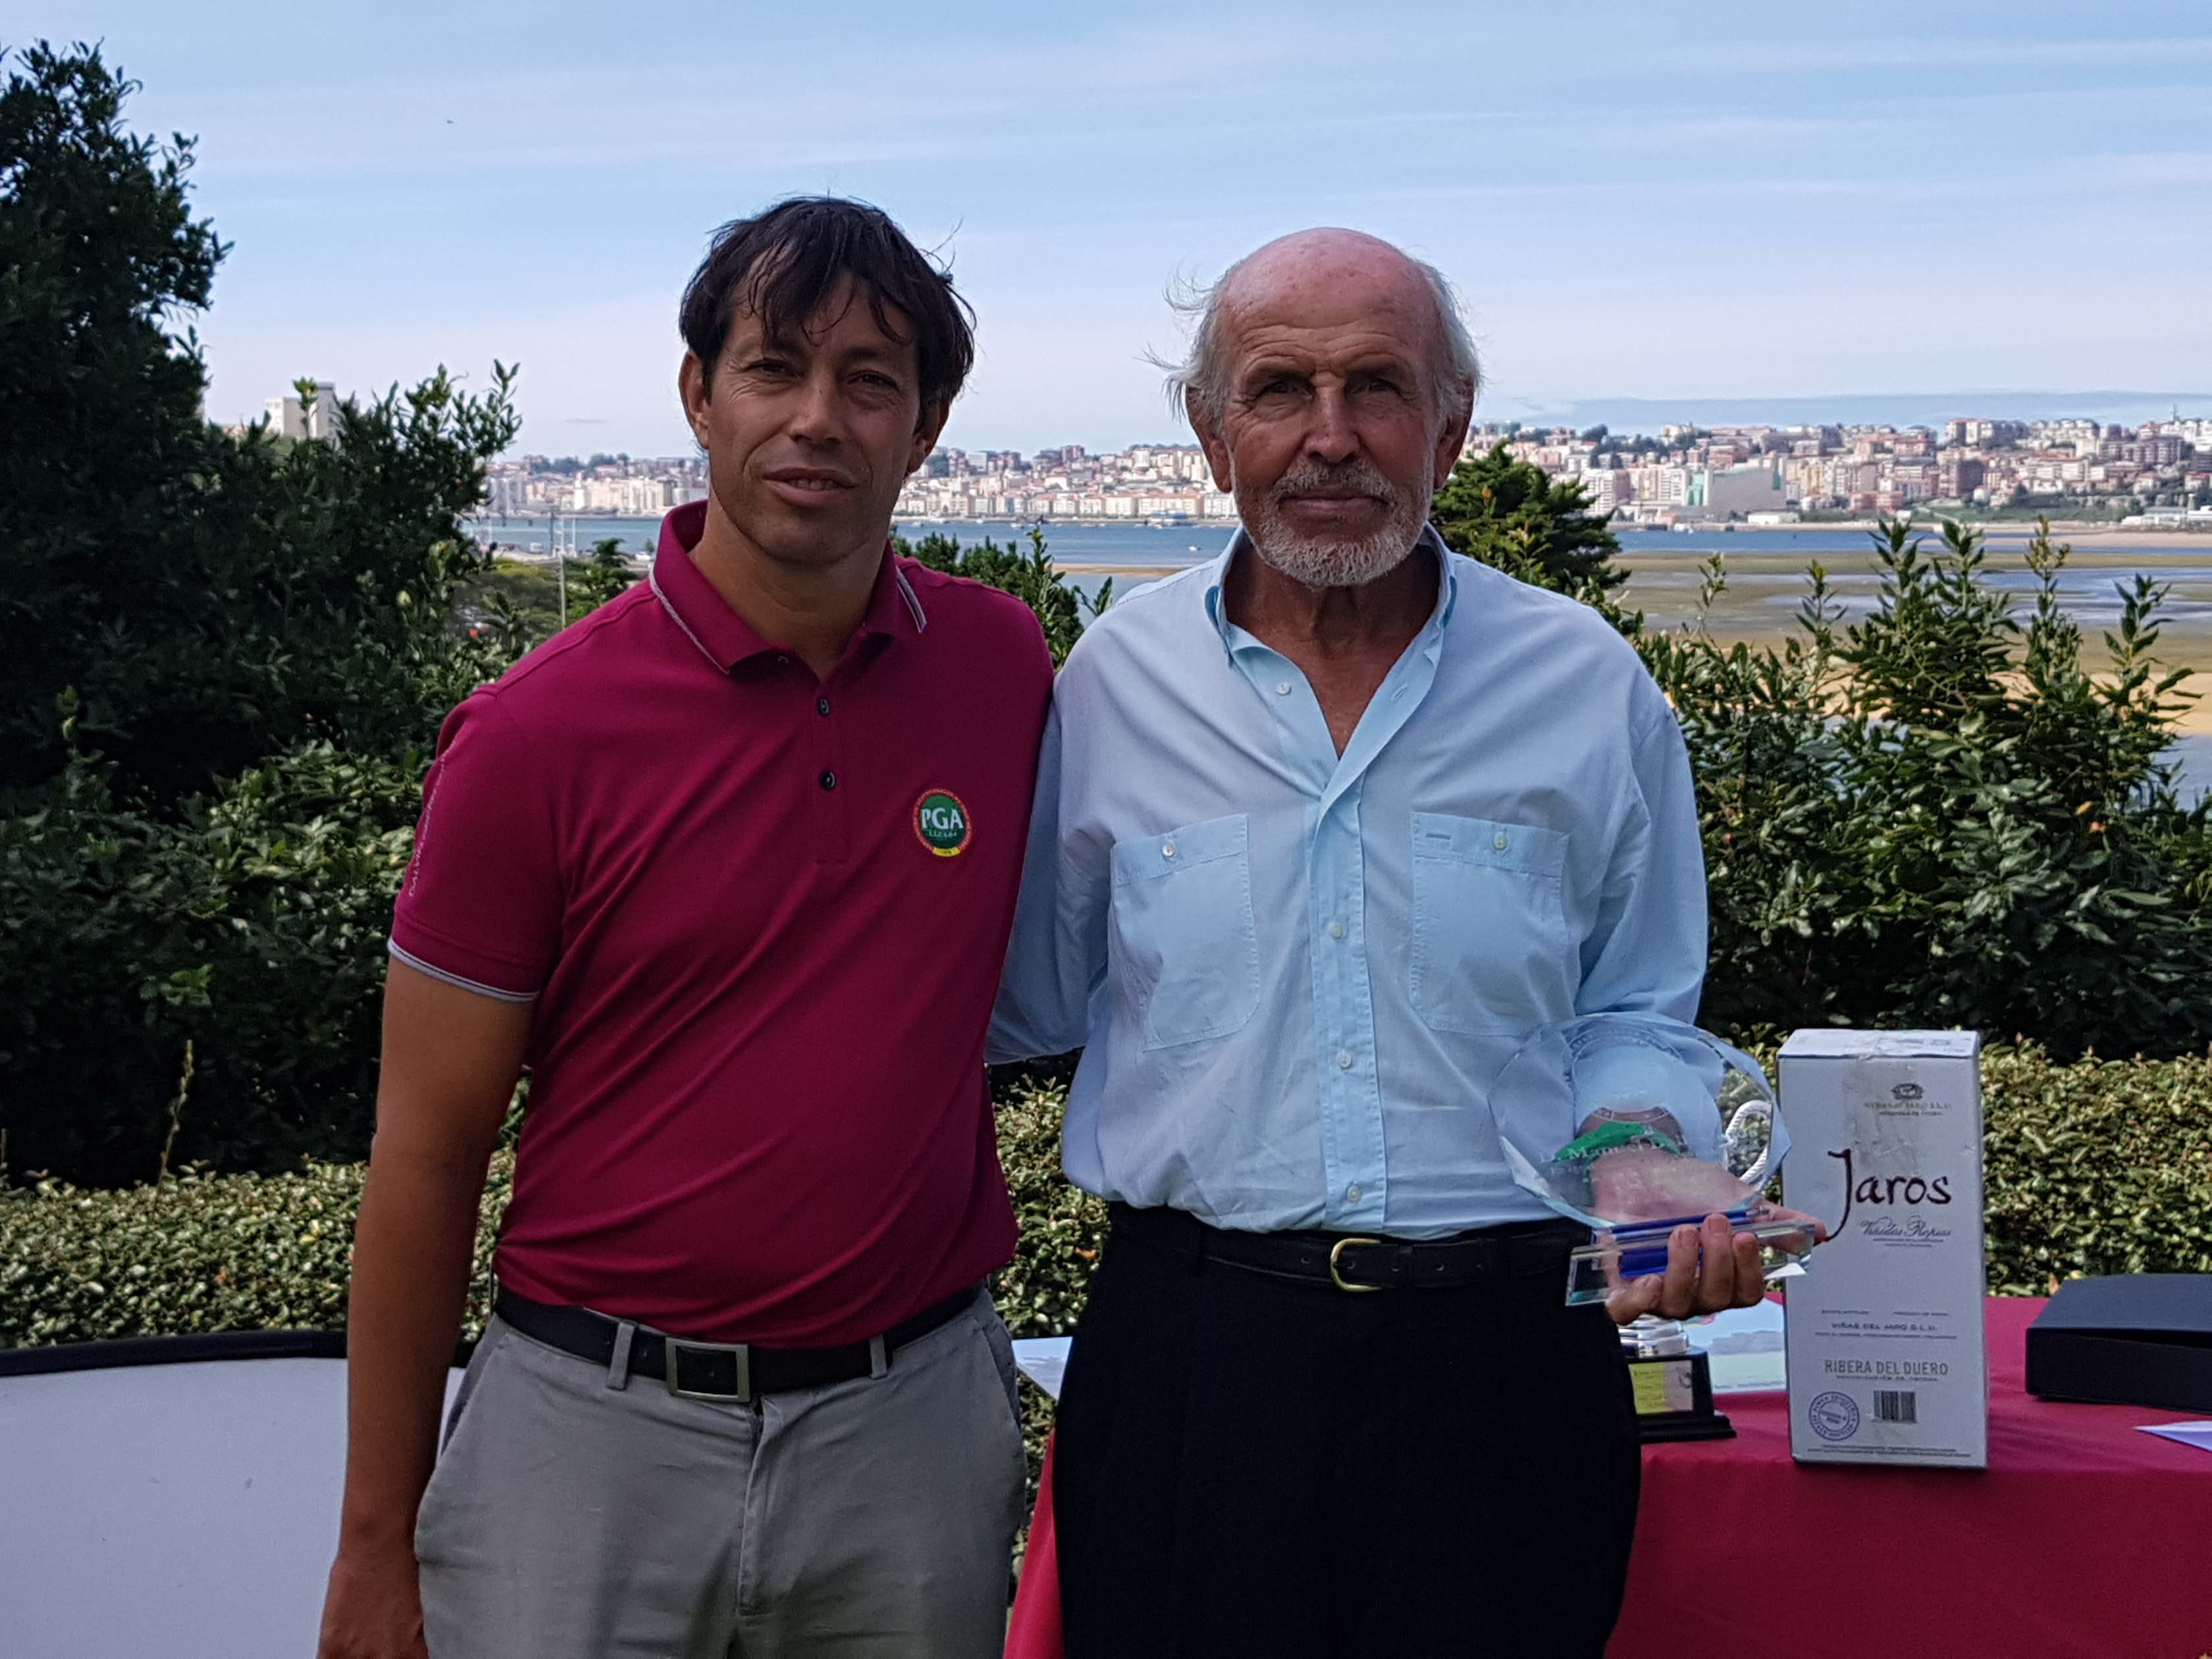 Homenaje de la PGA de España a Manolo Ballesteros, hermano de Seve.